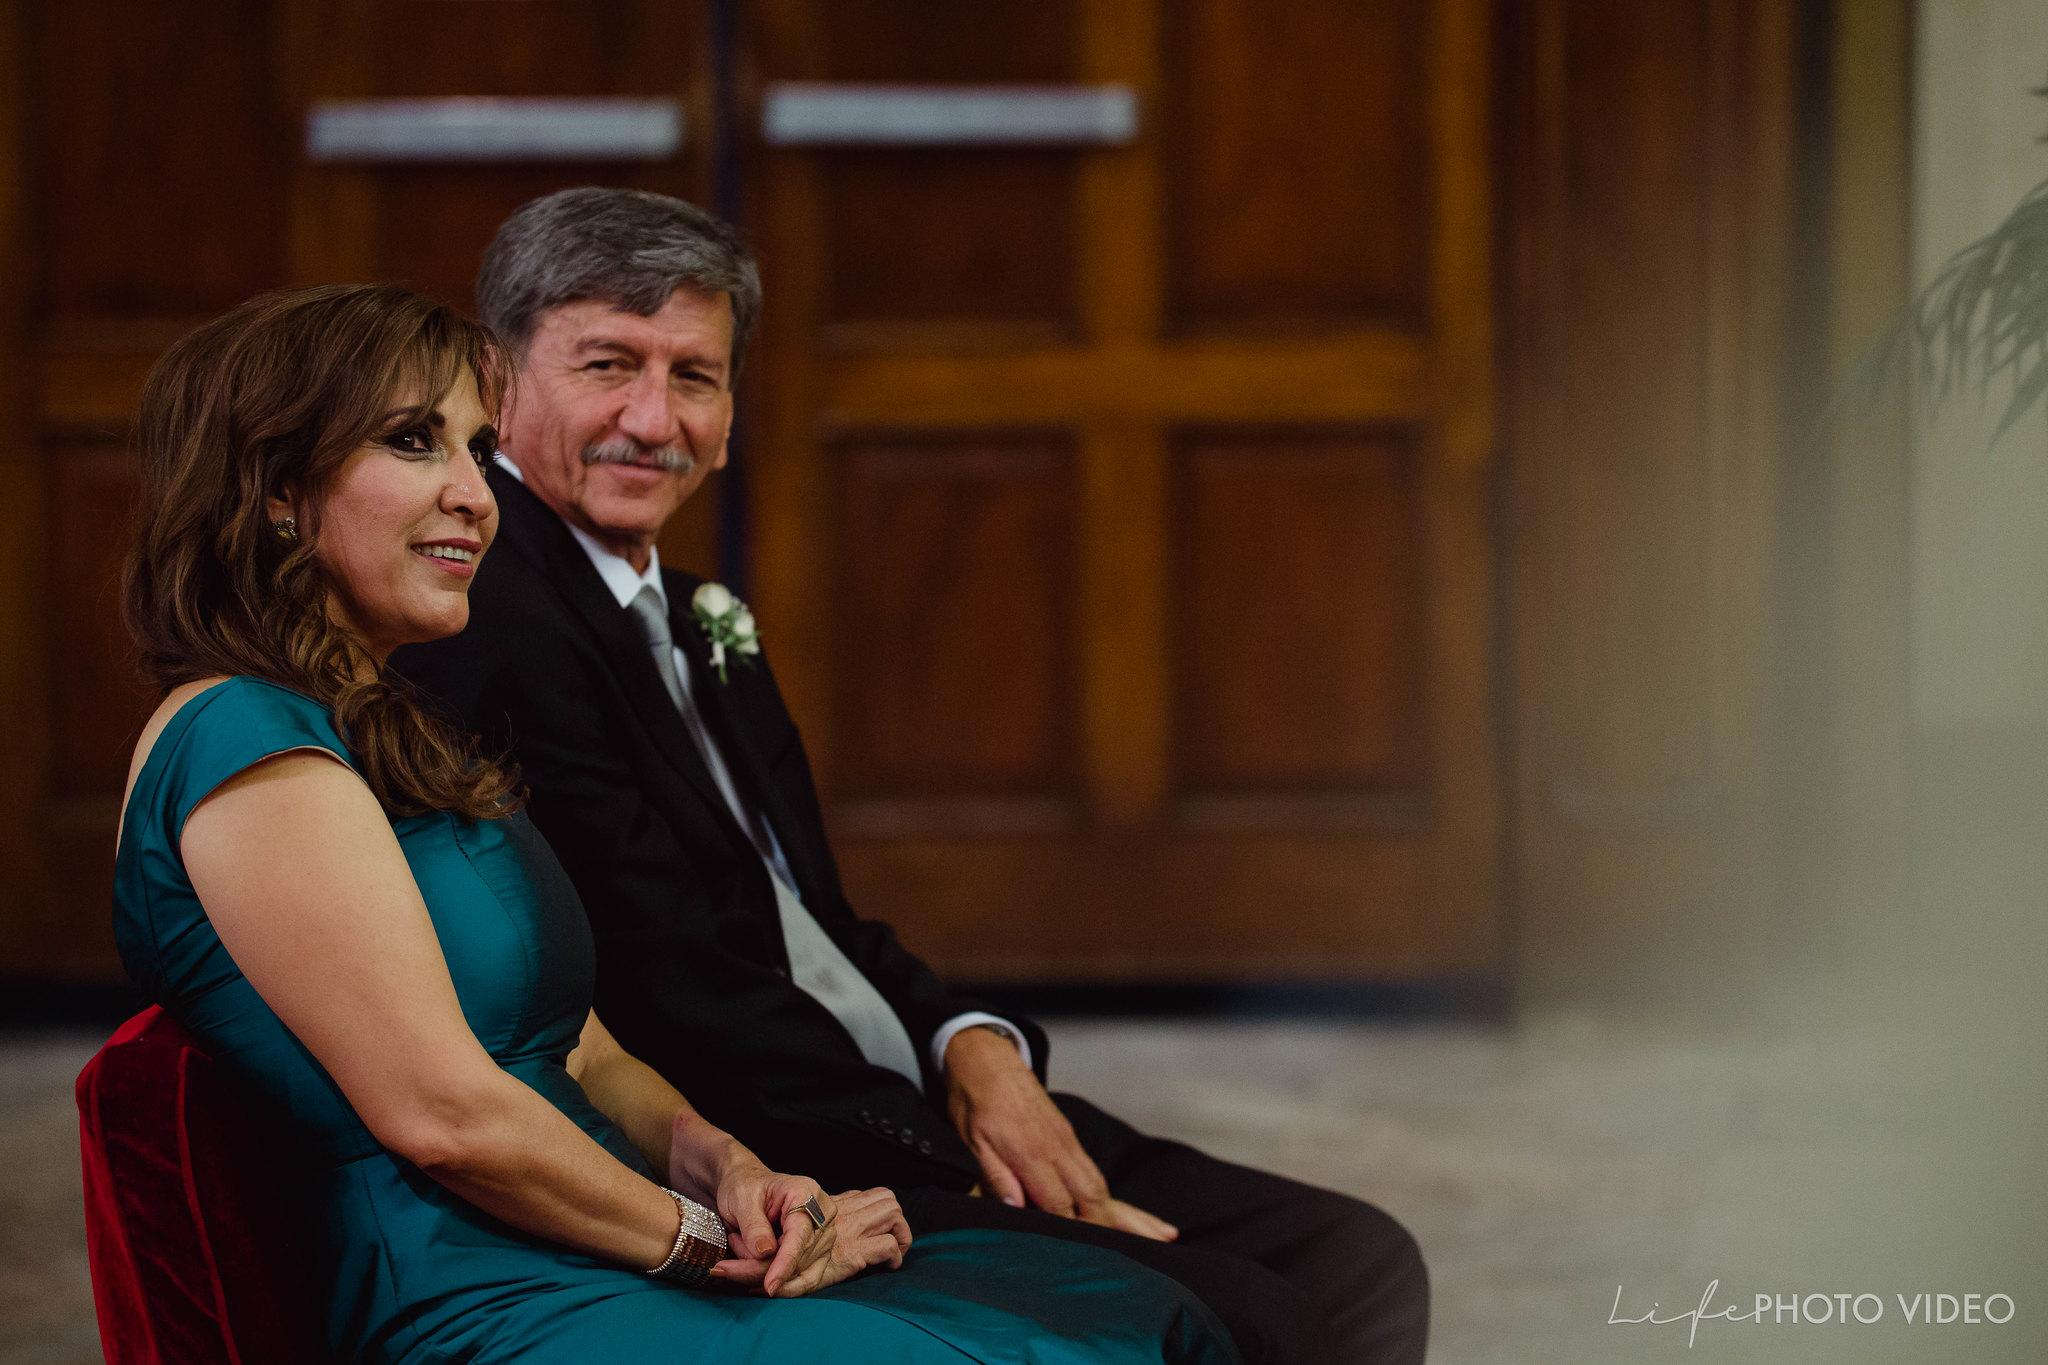 Boda_LeonGto_Wedding_LifePhotoVideo_0042.jpg